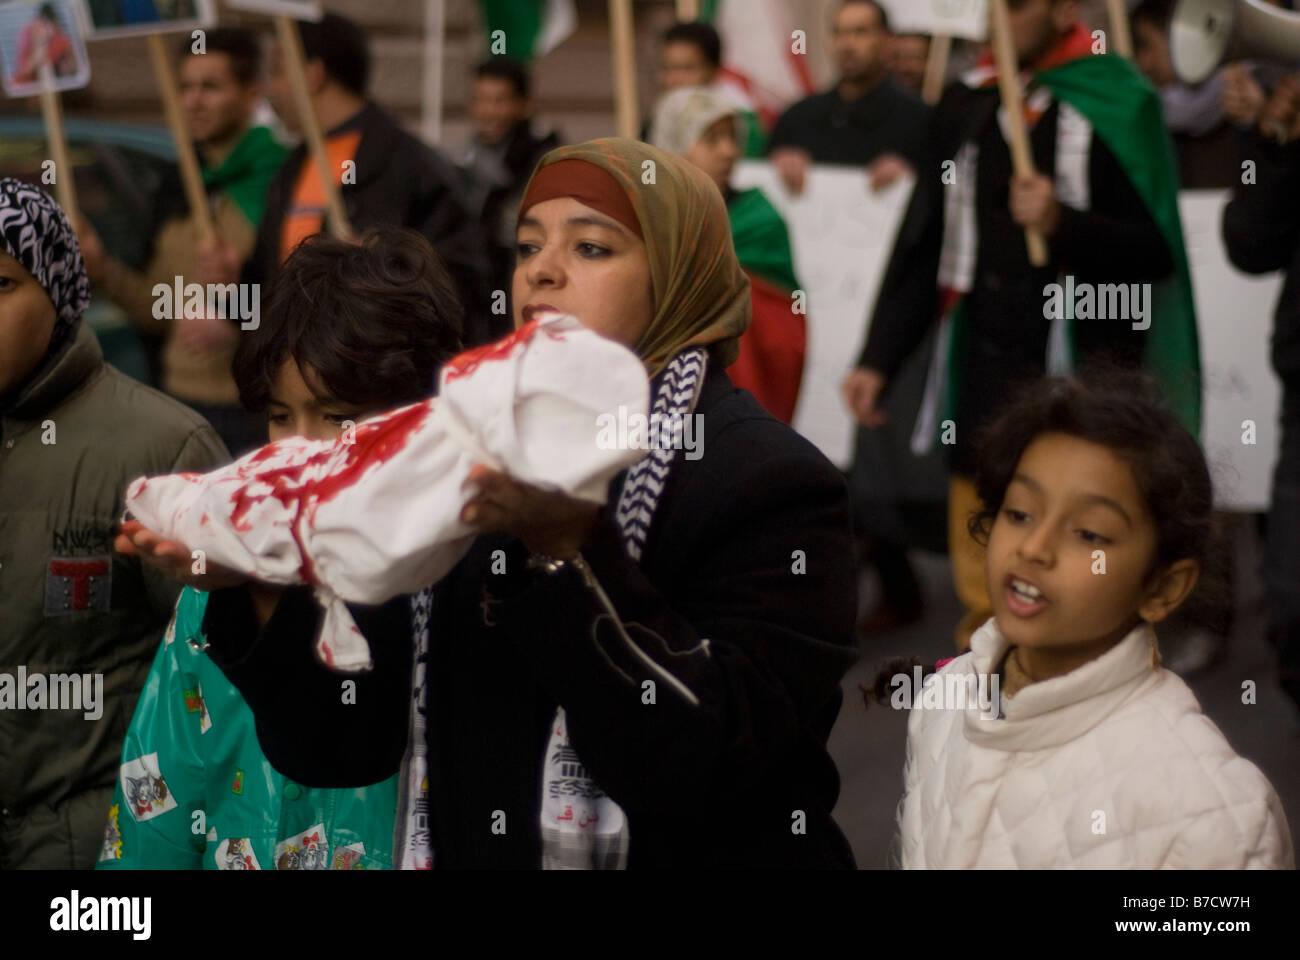 Manifestación contra Israel masacre del pueblo palestino en Gaza, en Roma, Italia, 17-01-2009 Foto de stock